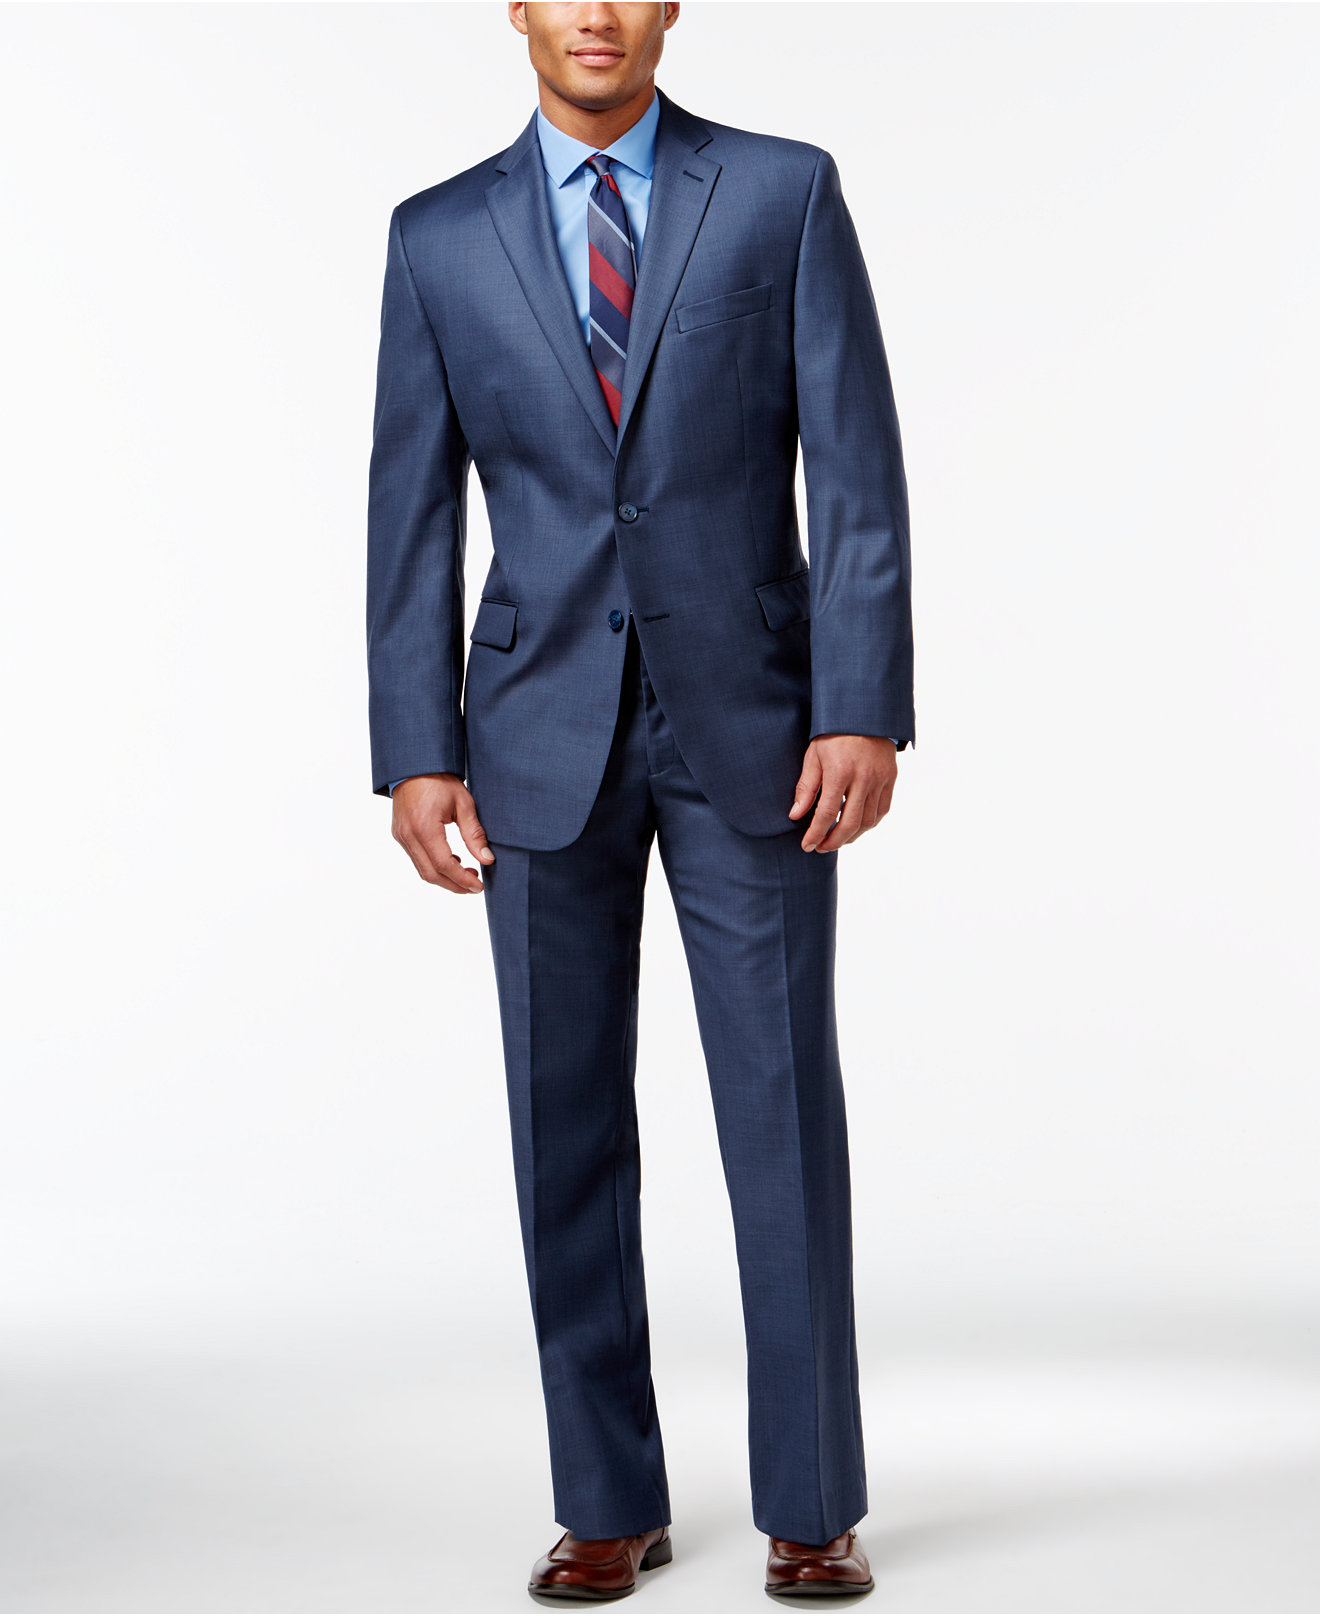 Calvin Clein Blue Suit Brown Shoes